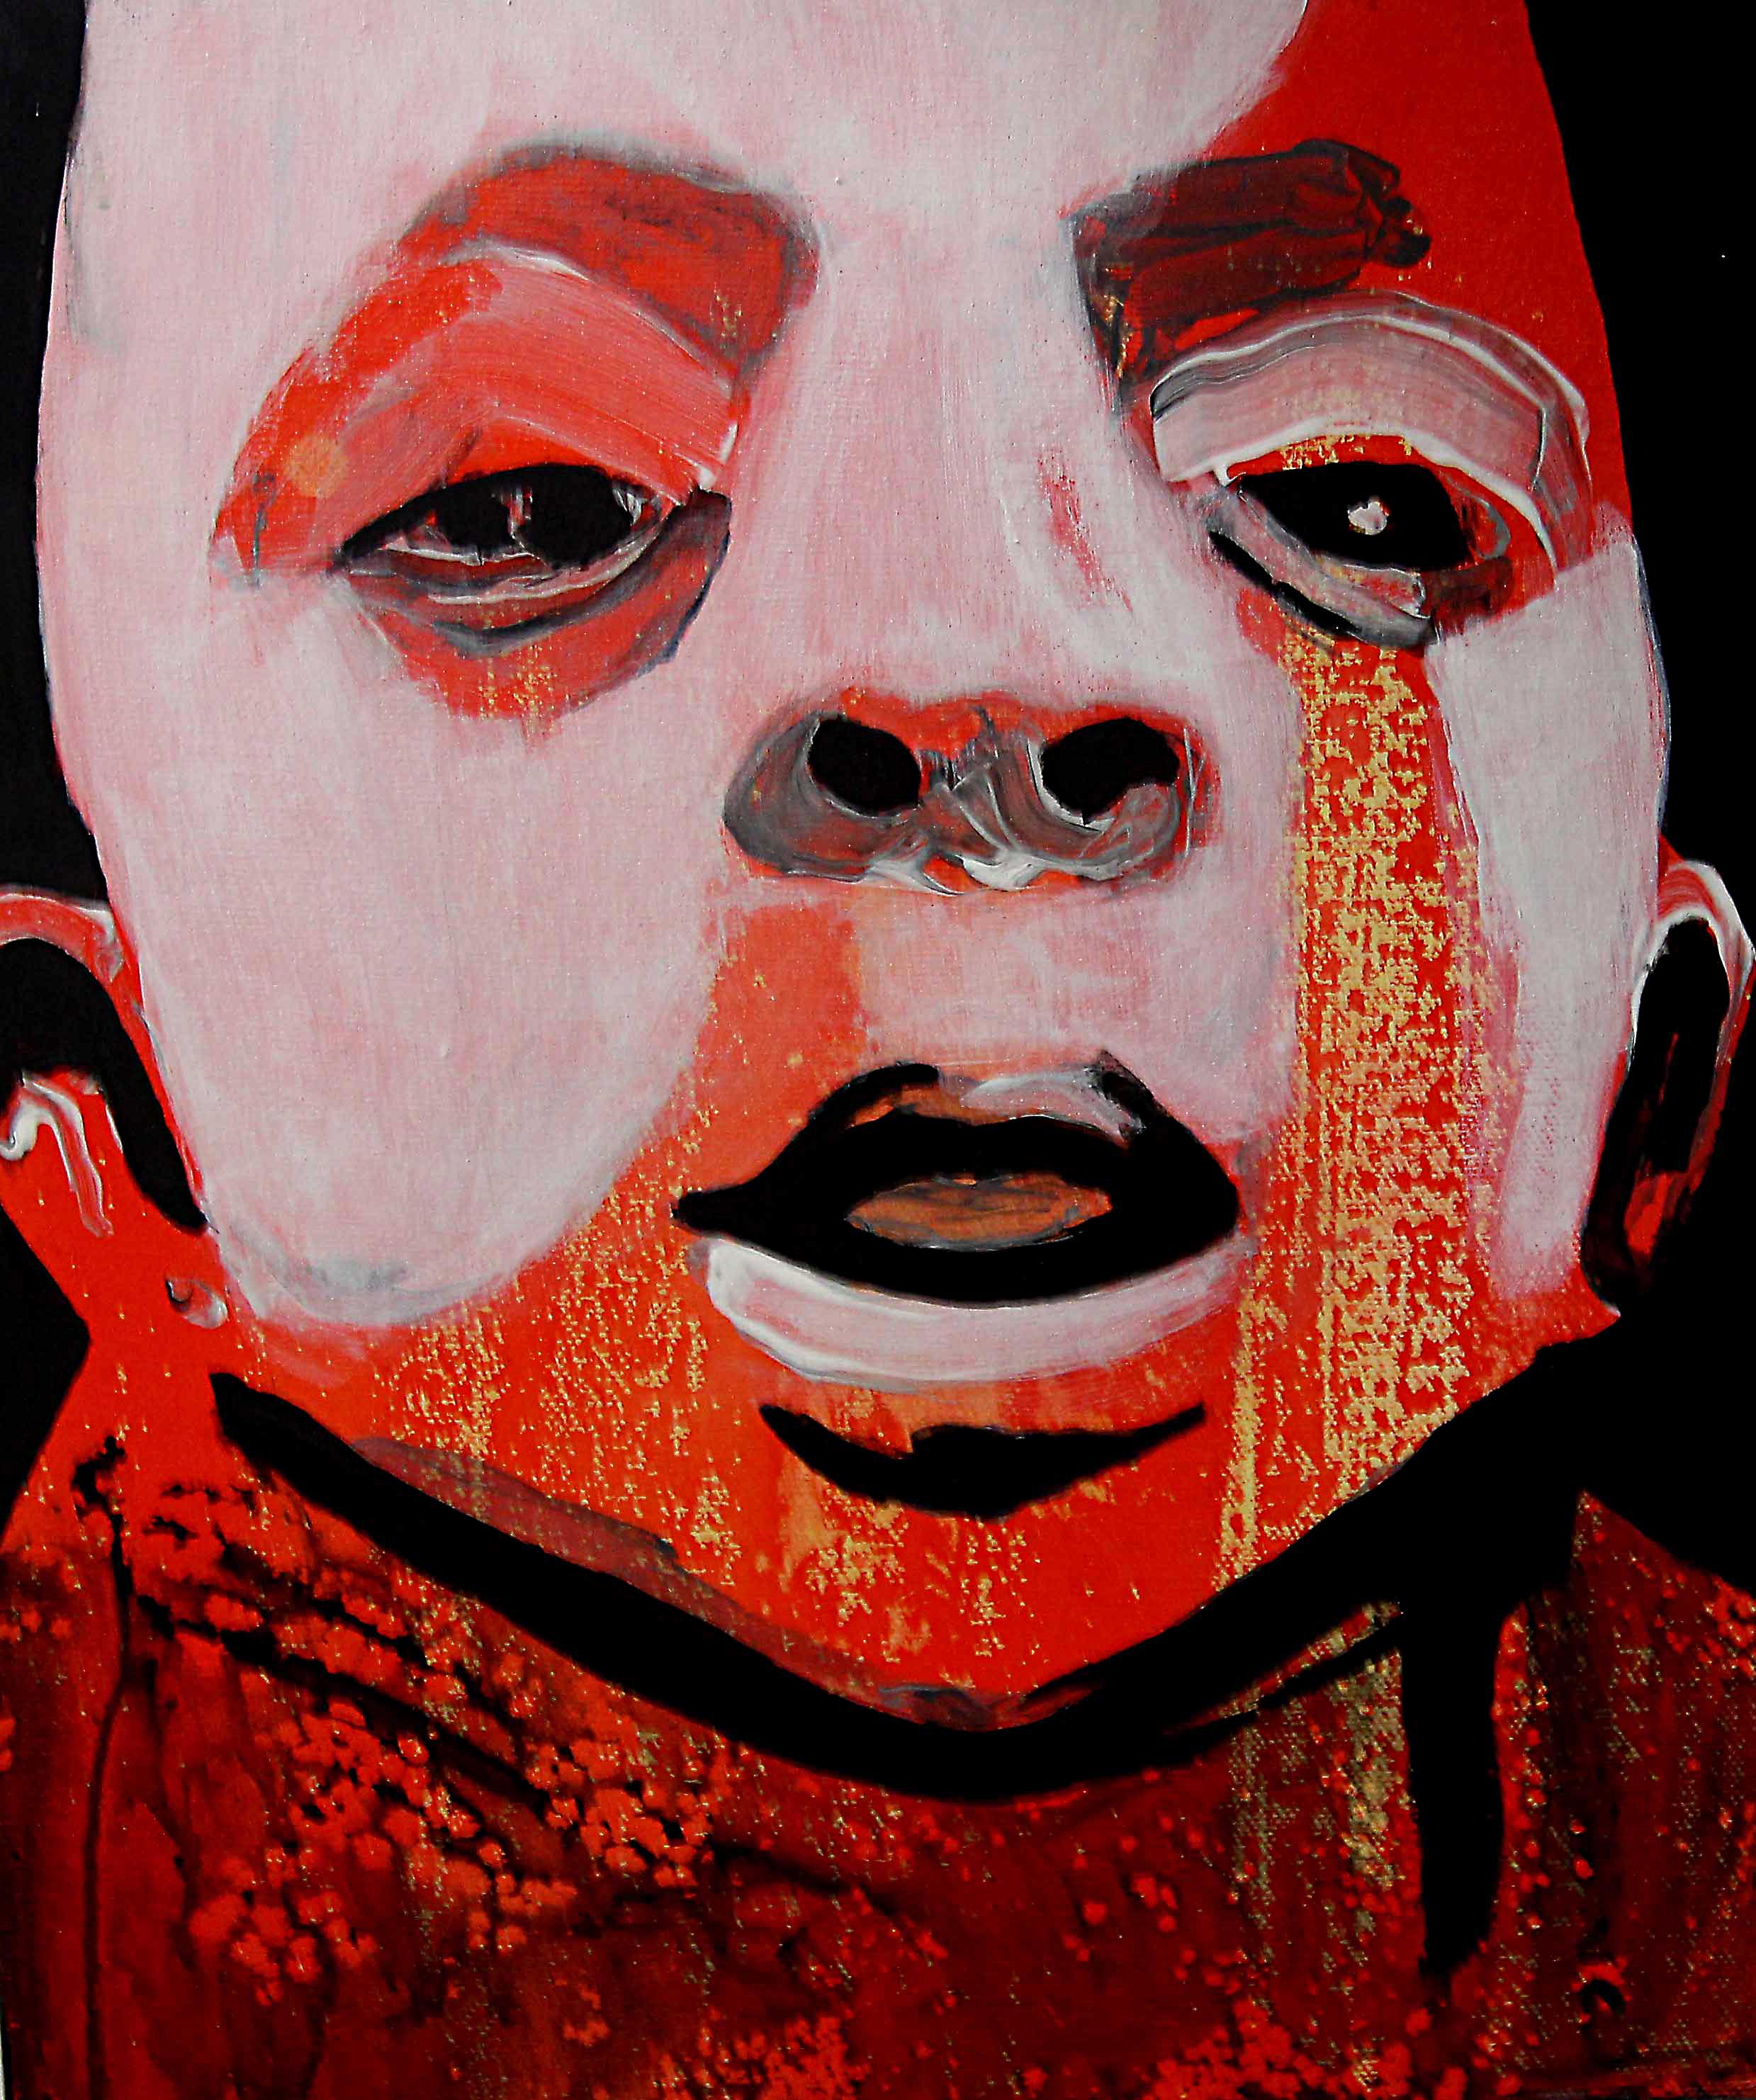 Bundao, 2018 | Mixed media on canvas | 40 x 30 cm | £220